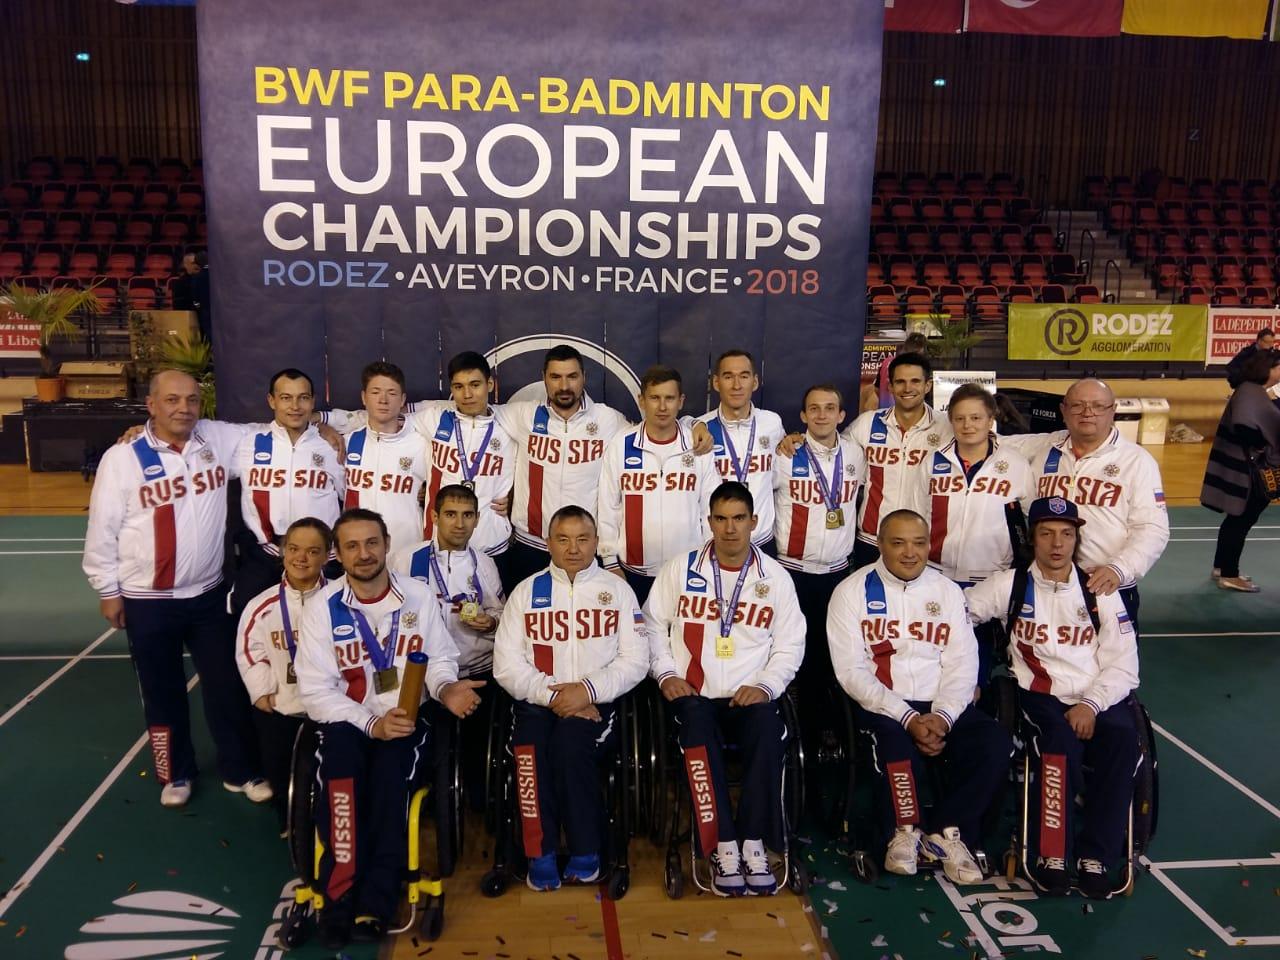 Cборная команда России завоевала 1 серебряную и 7 бронзовых медалей на чемпионате Европы по бадминтону среди спортсменов с ПОДА во Франции